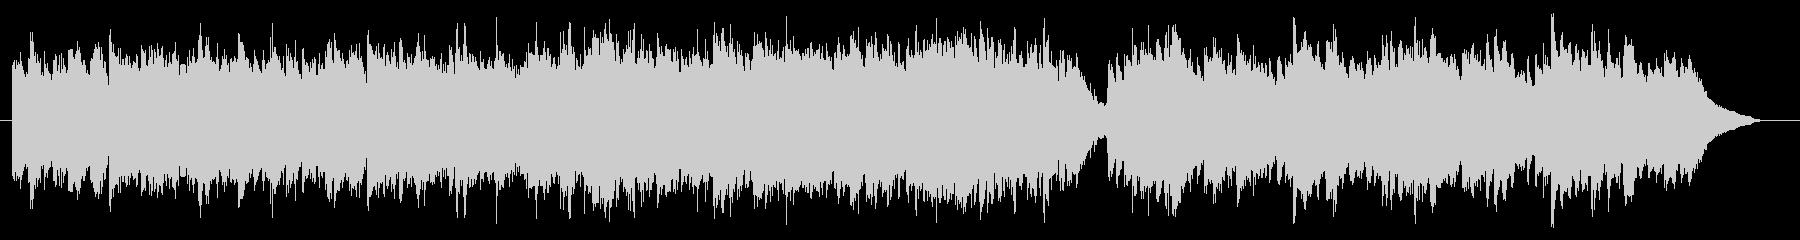 ピアノとストリングス/叙情系バラード曲の未再生の波形